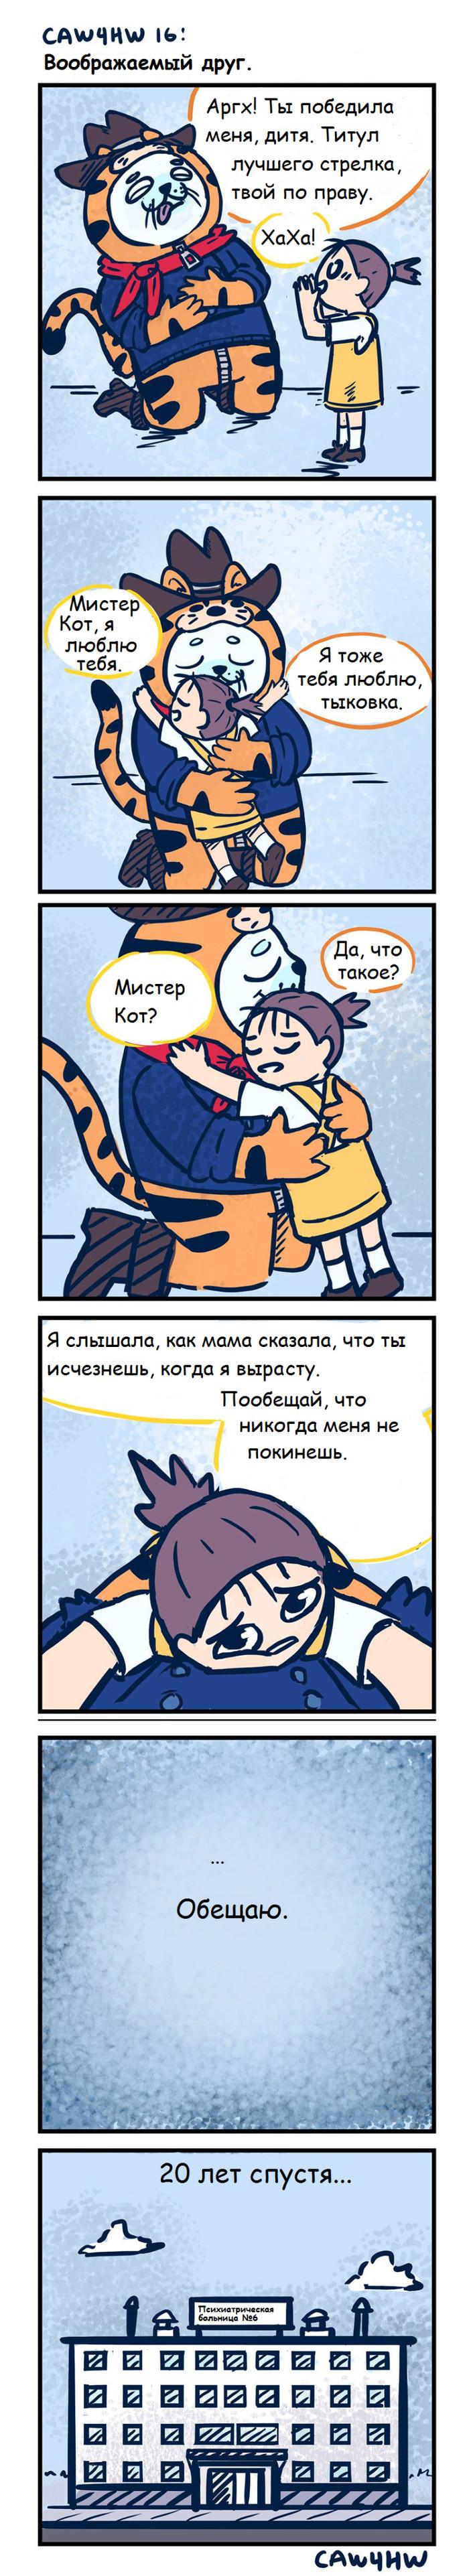 Воображение. Caw4hw, Комиксы, Воображаемый друг, Кот, Жизнь в мечтах, Длиннопост